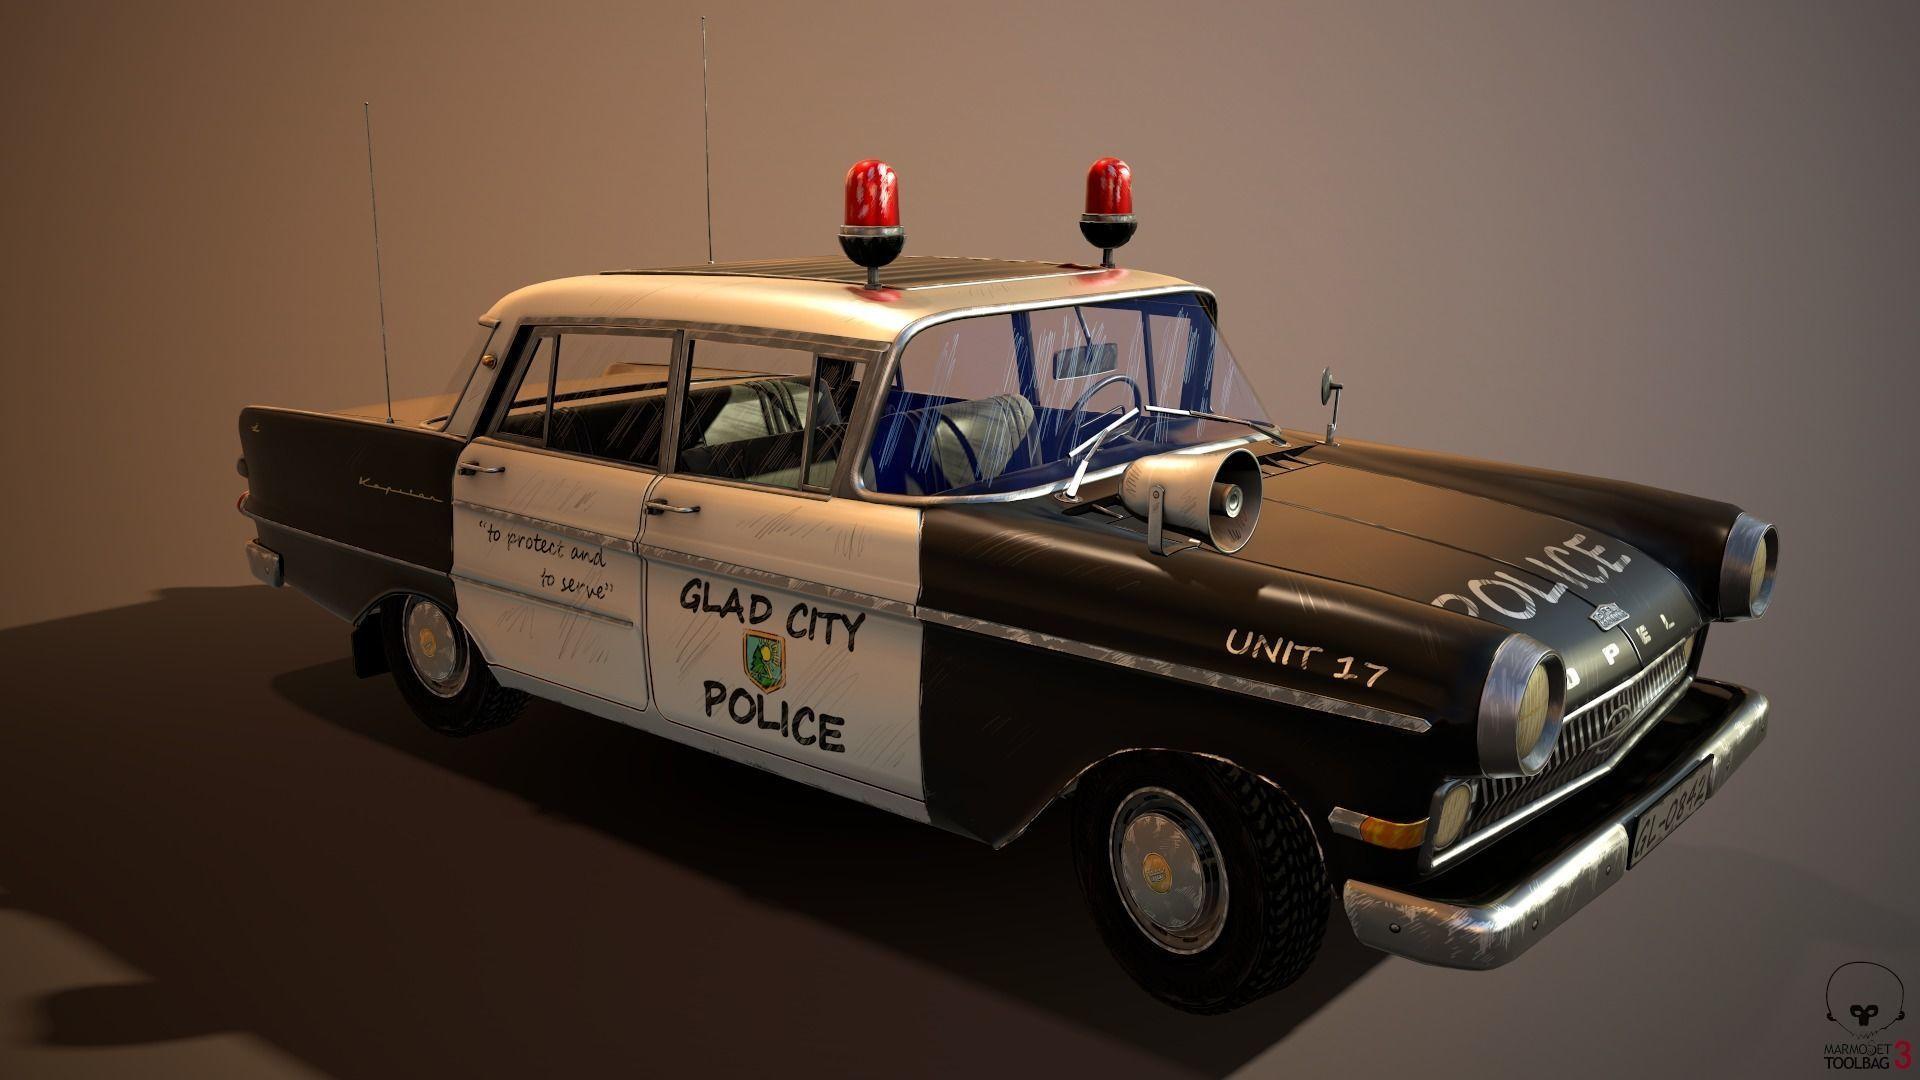 police car stylized